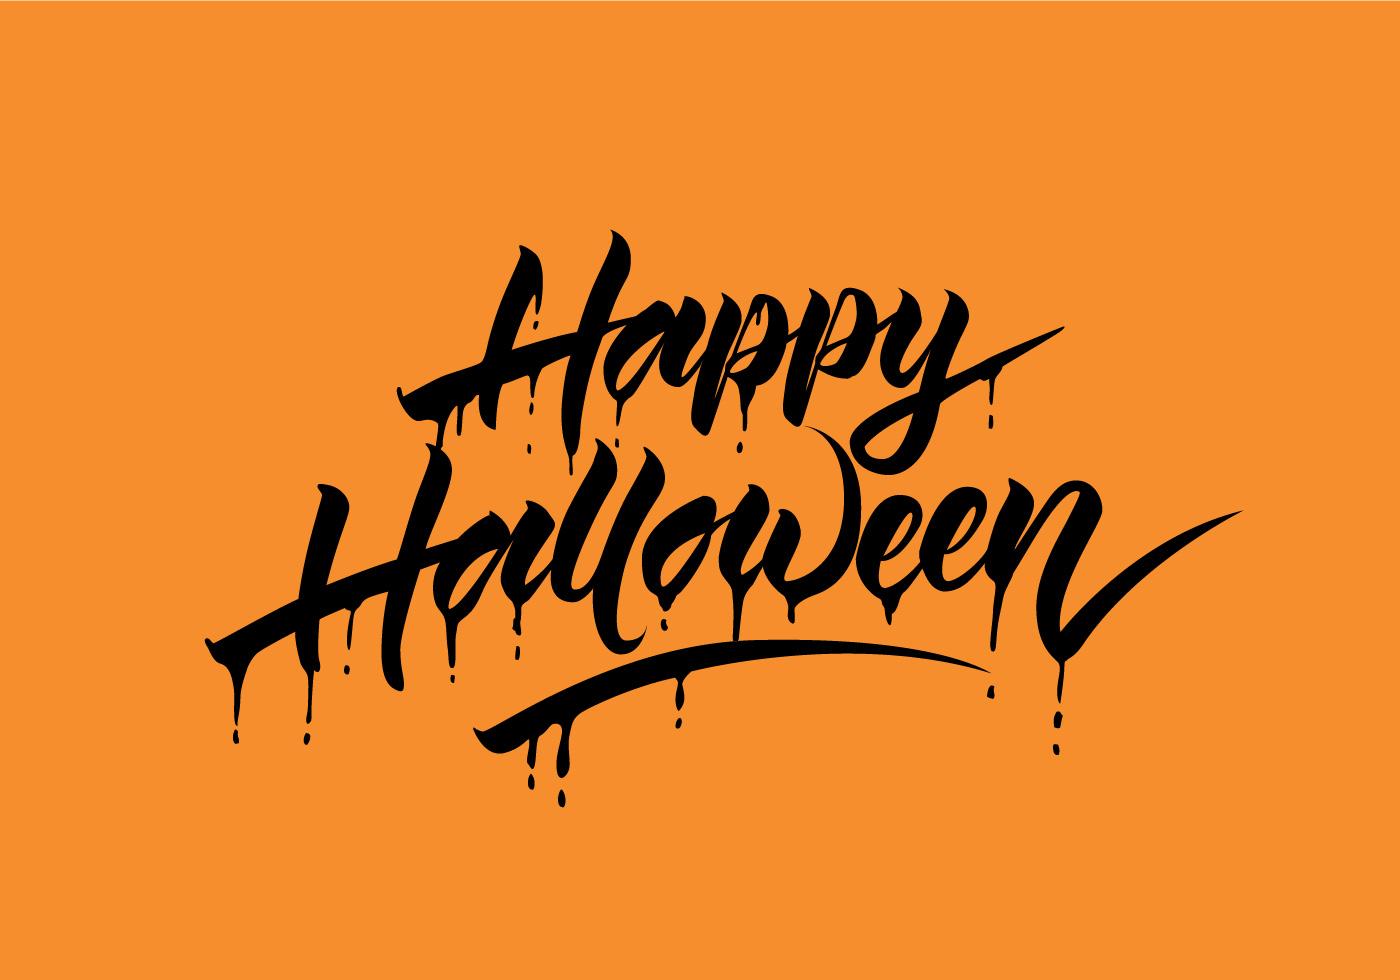 happy halloween vector calligraphy - download free vector art, stock